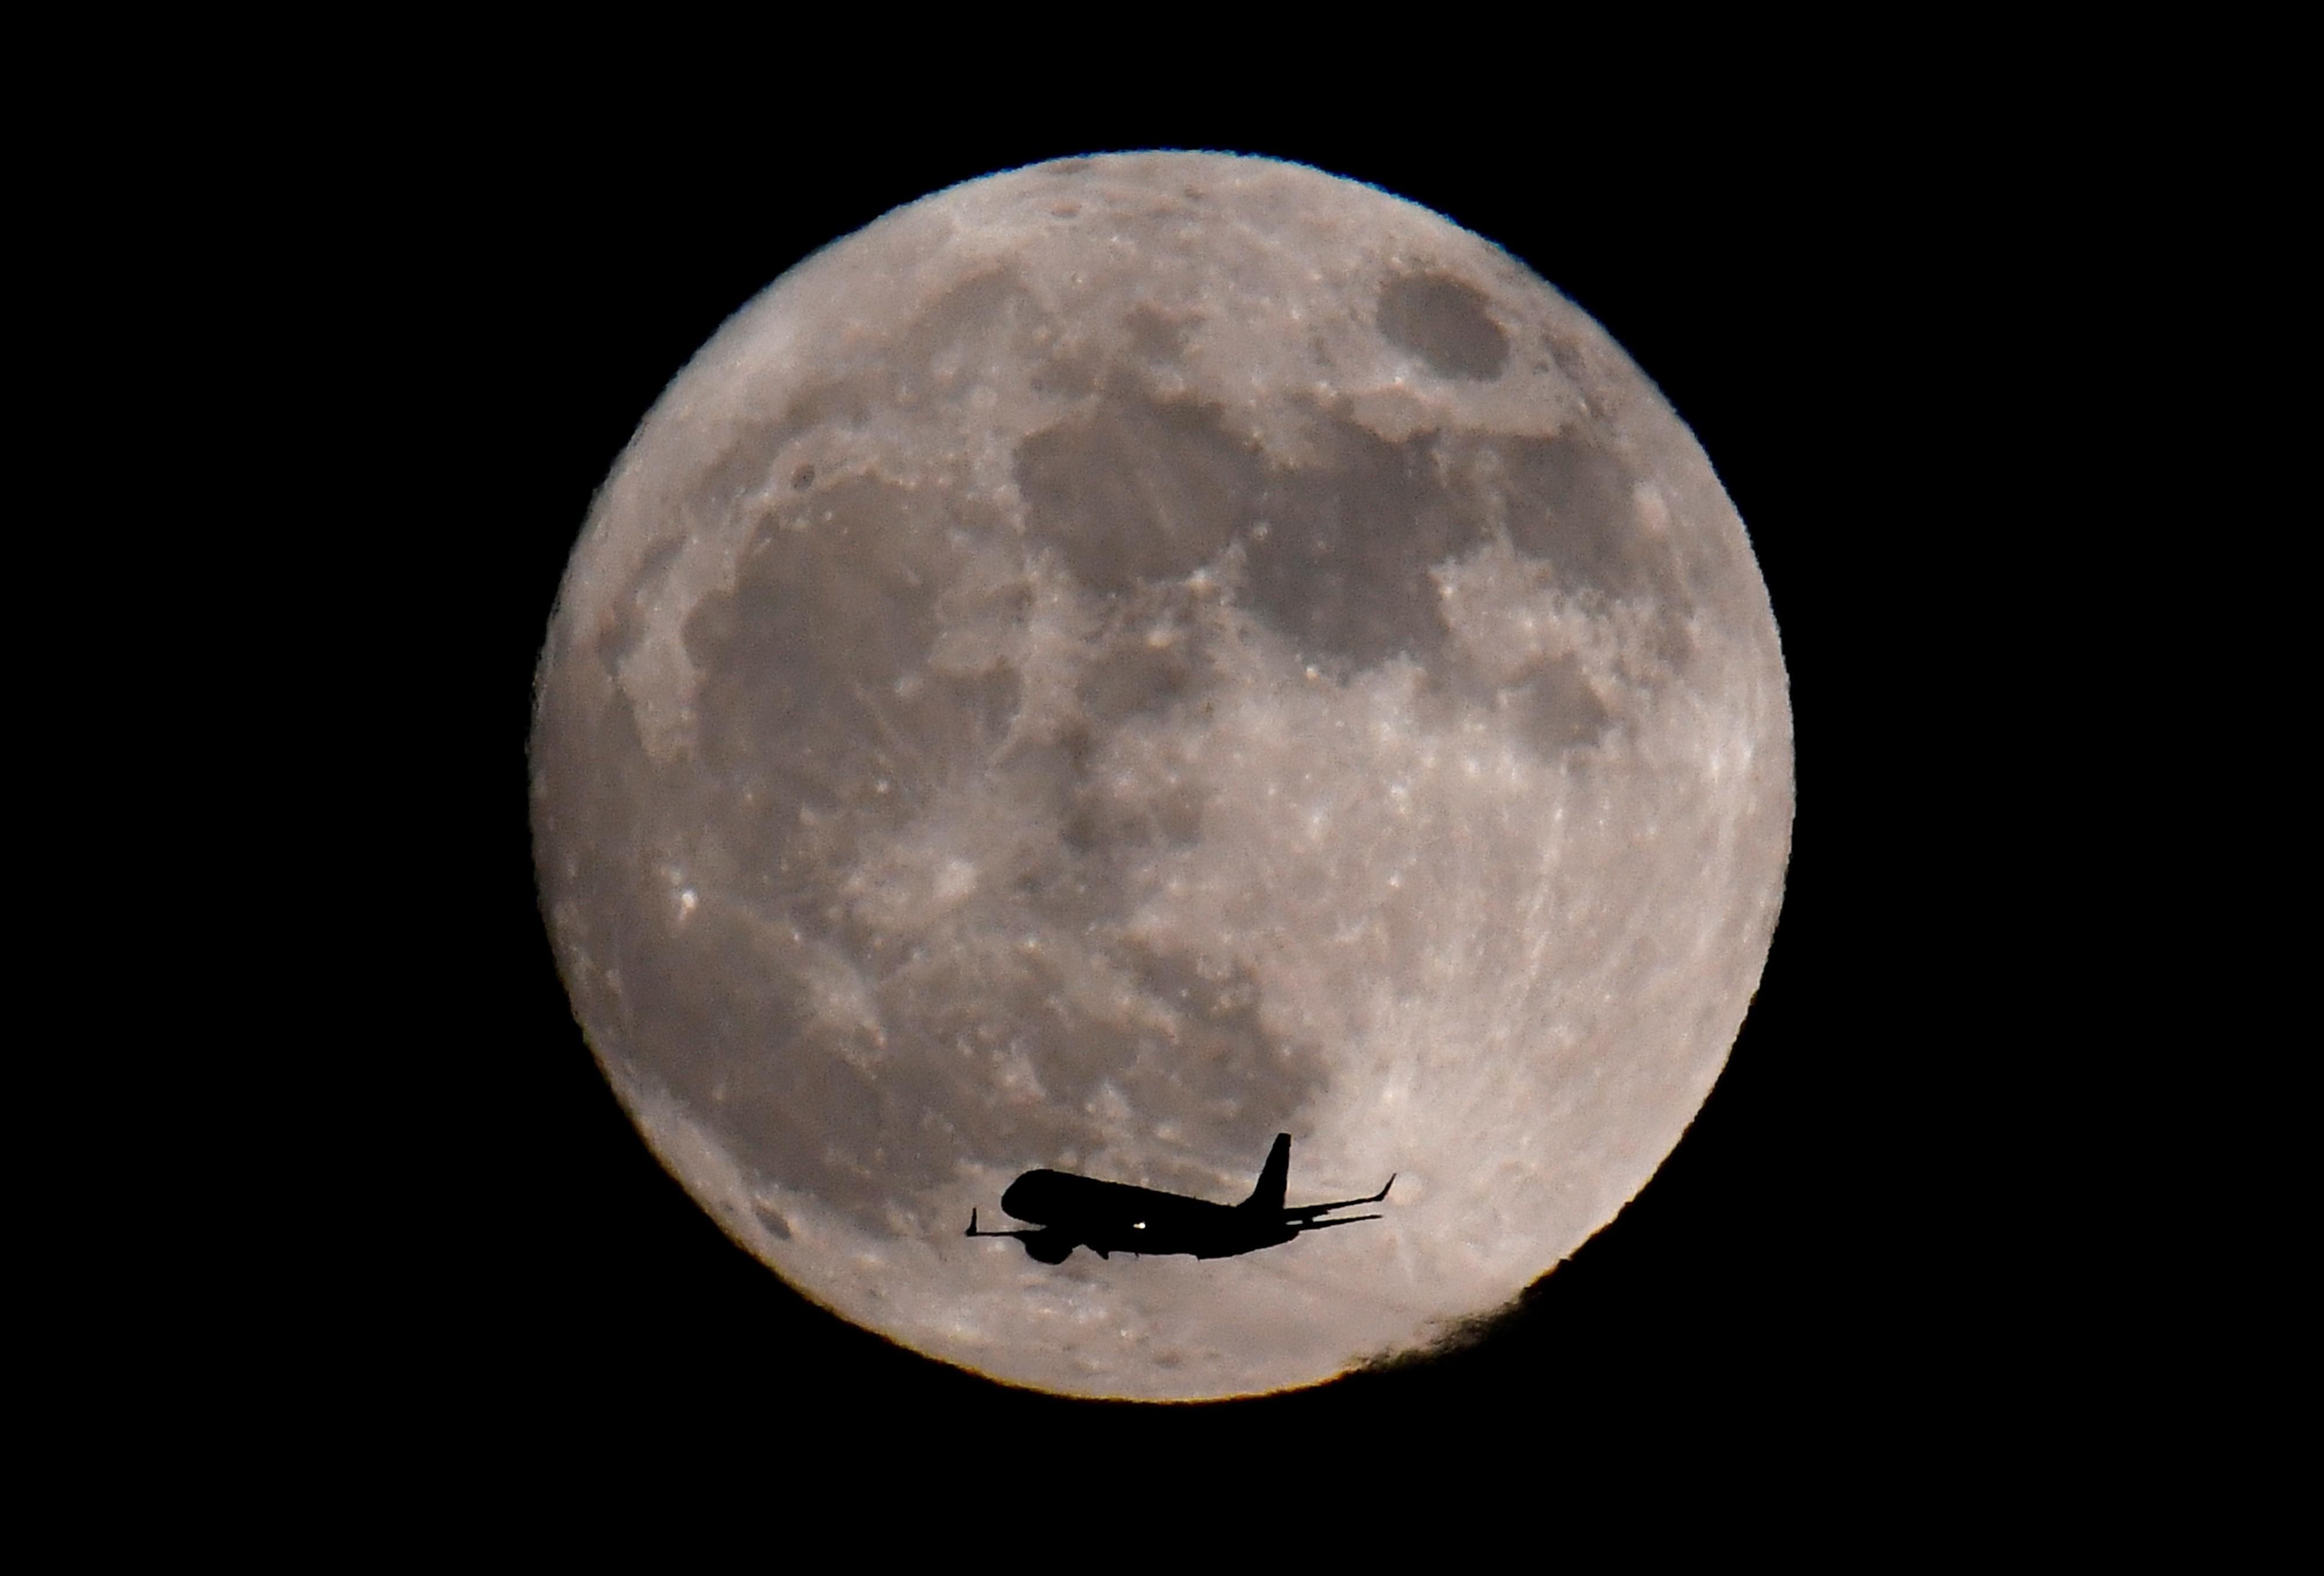 القمر الضخم فى سماء بريطانيا